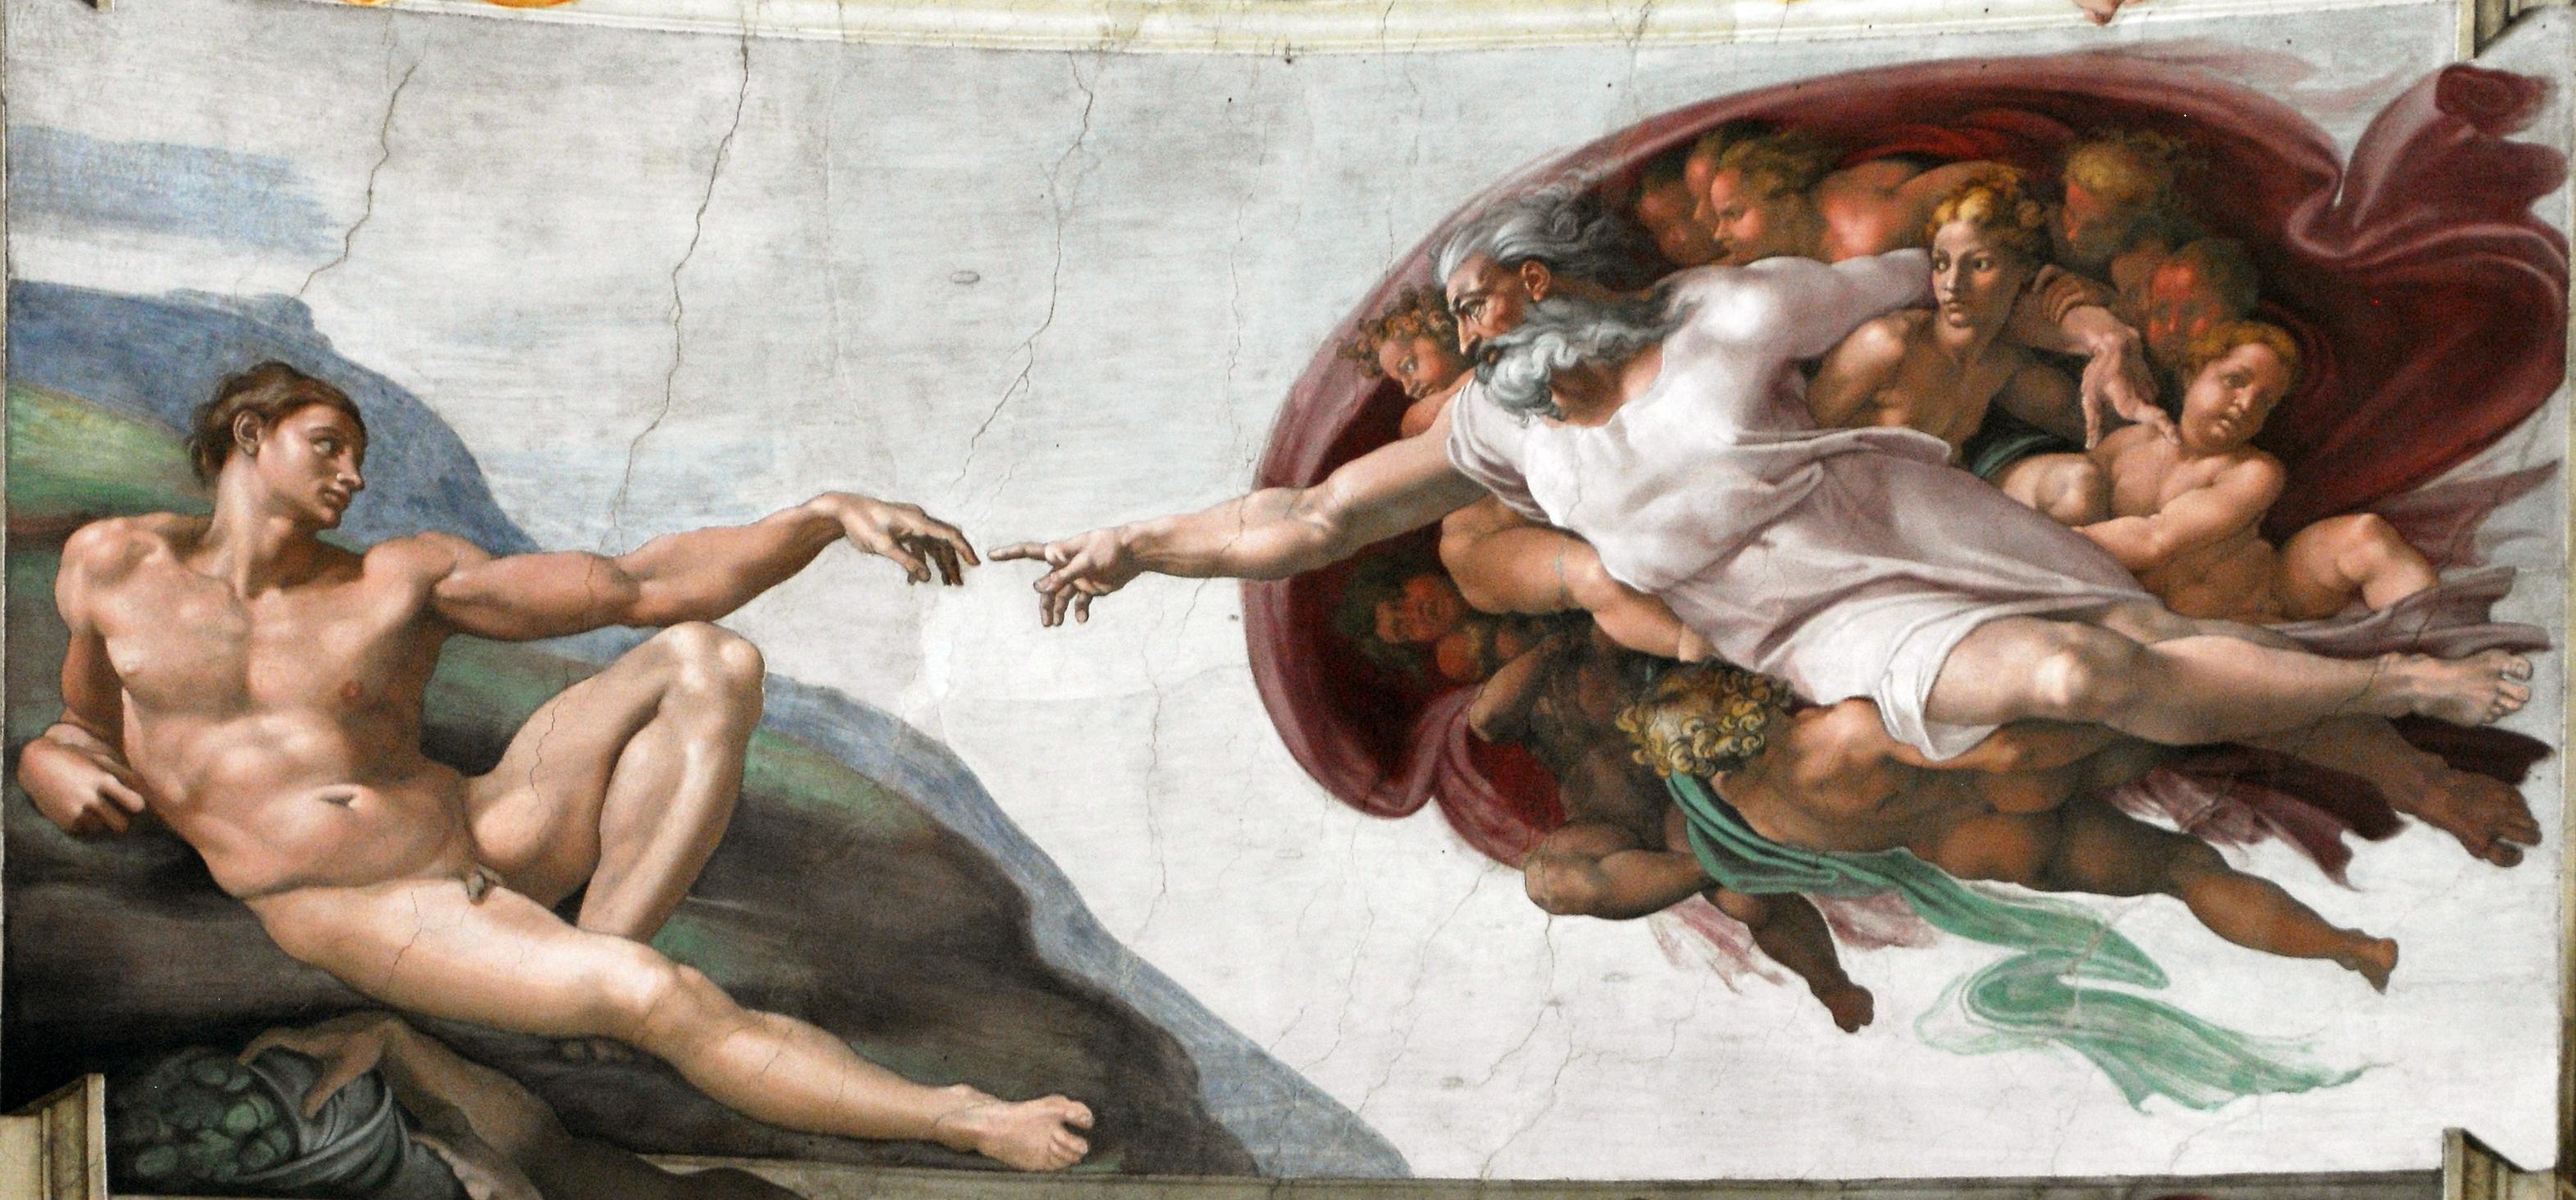 Fresque de Michel-Ange sur la voûte de la chapelle Sixtine du Vatican à Rome © Wikimedia